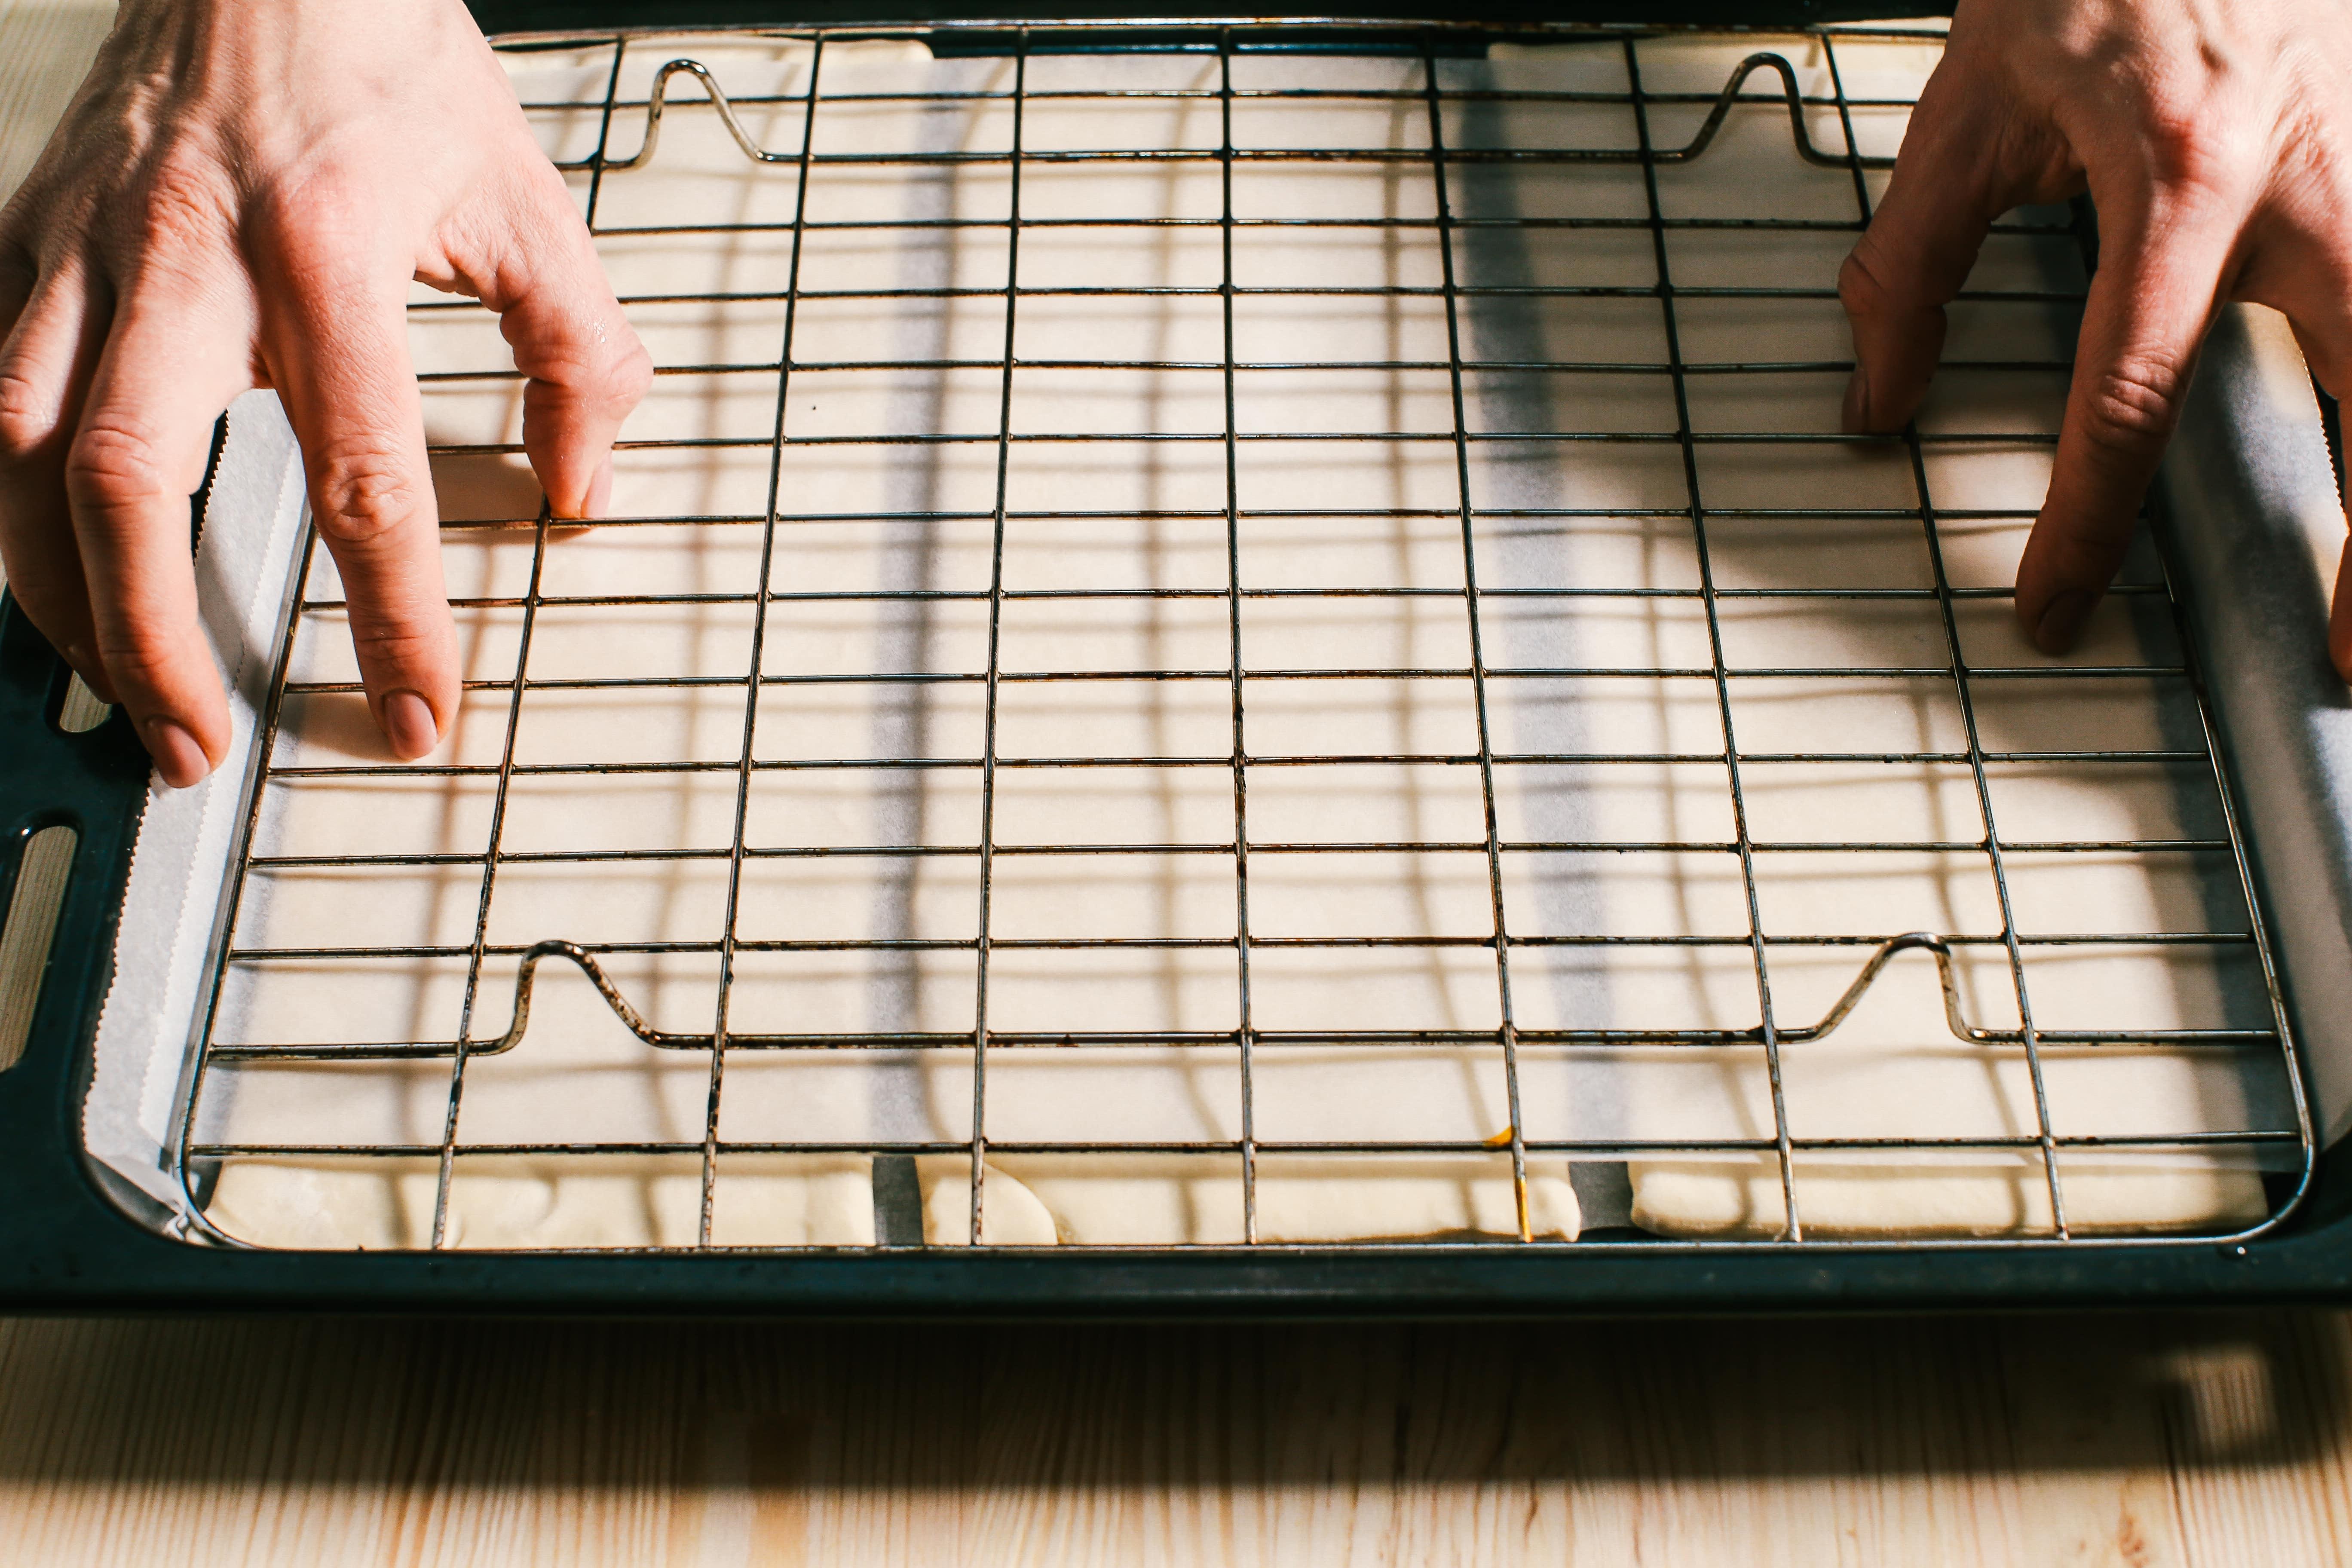 Тісто товщиною 3-4 мм викласти на пергамент, накрити також листом пергаменту та випікати під решіткою (притискаємо, щоб листкове тісто не дуже виросло). Температура духовій шафи 180ºC, час – 20 хвилин.